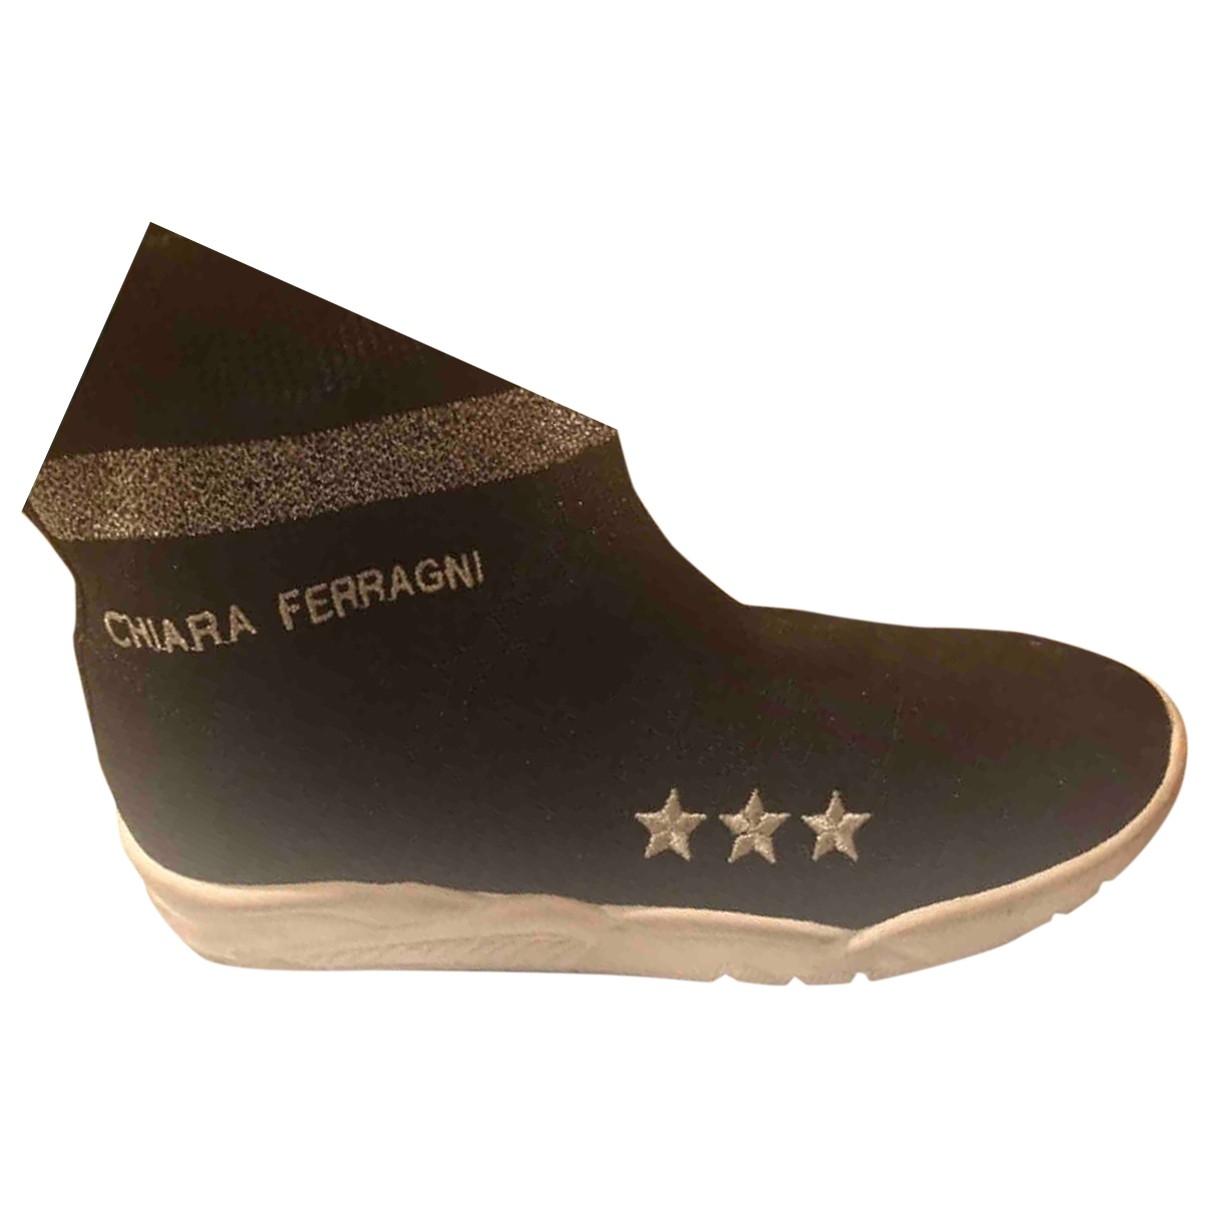 Chiara Ferragni - Baskets   pour femme en a paillettes - noir